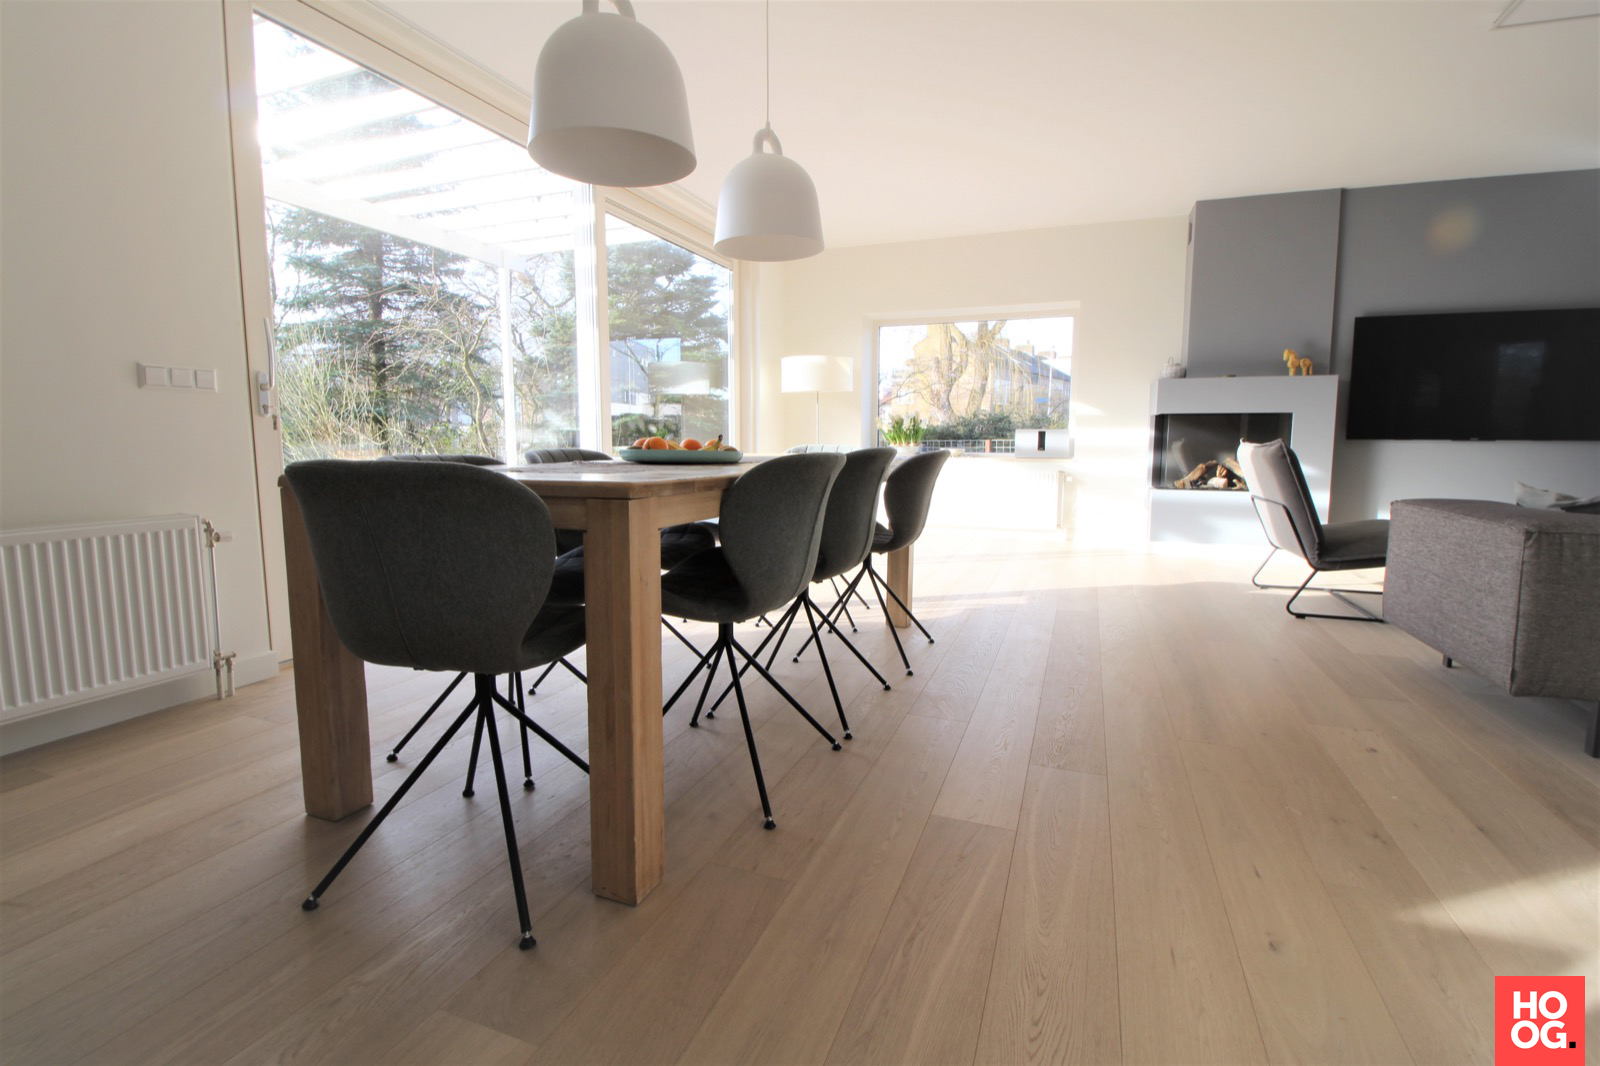 Eiken parketvloer in Amstelveen | eetkamer design | dining room | dining room design ideas | Hoog.design